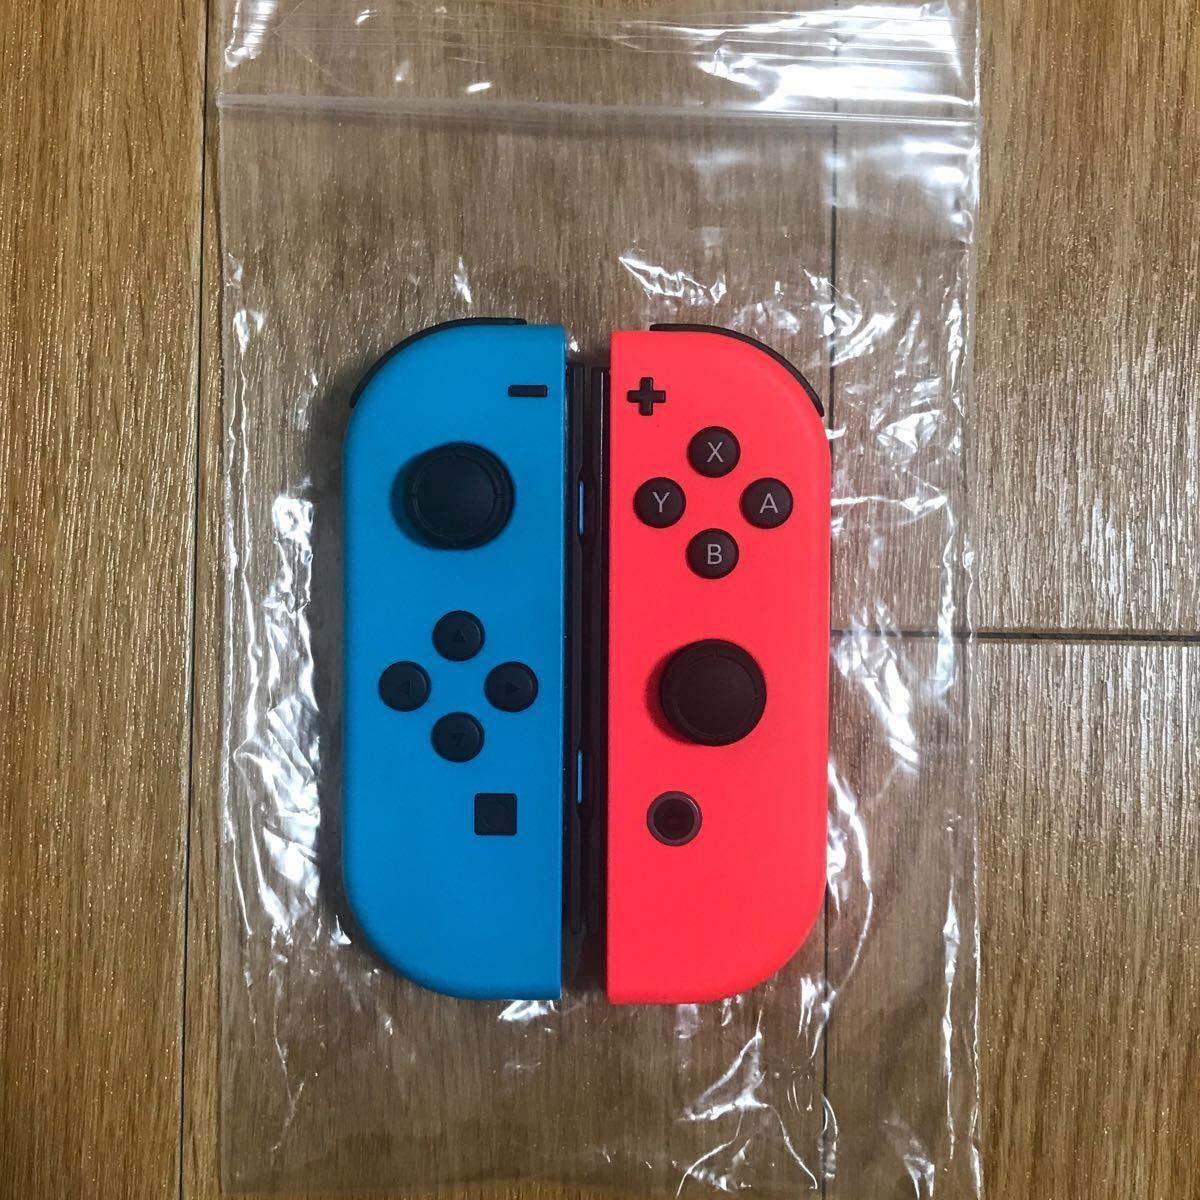 任天堂 Nintendo Switch ニンテンドー スイッチ ジョイコン 動作確認済み